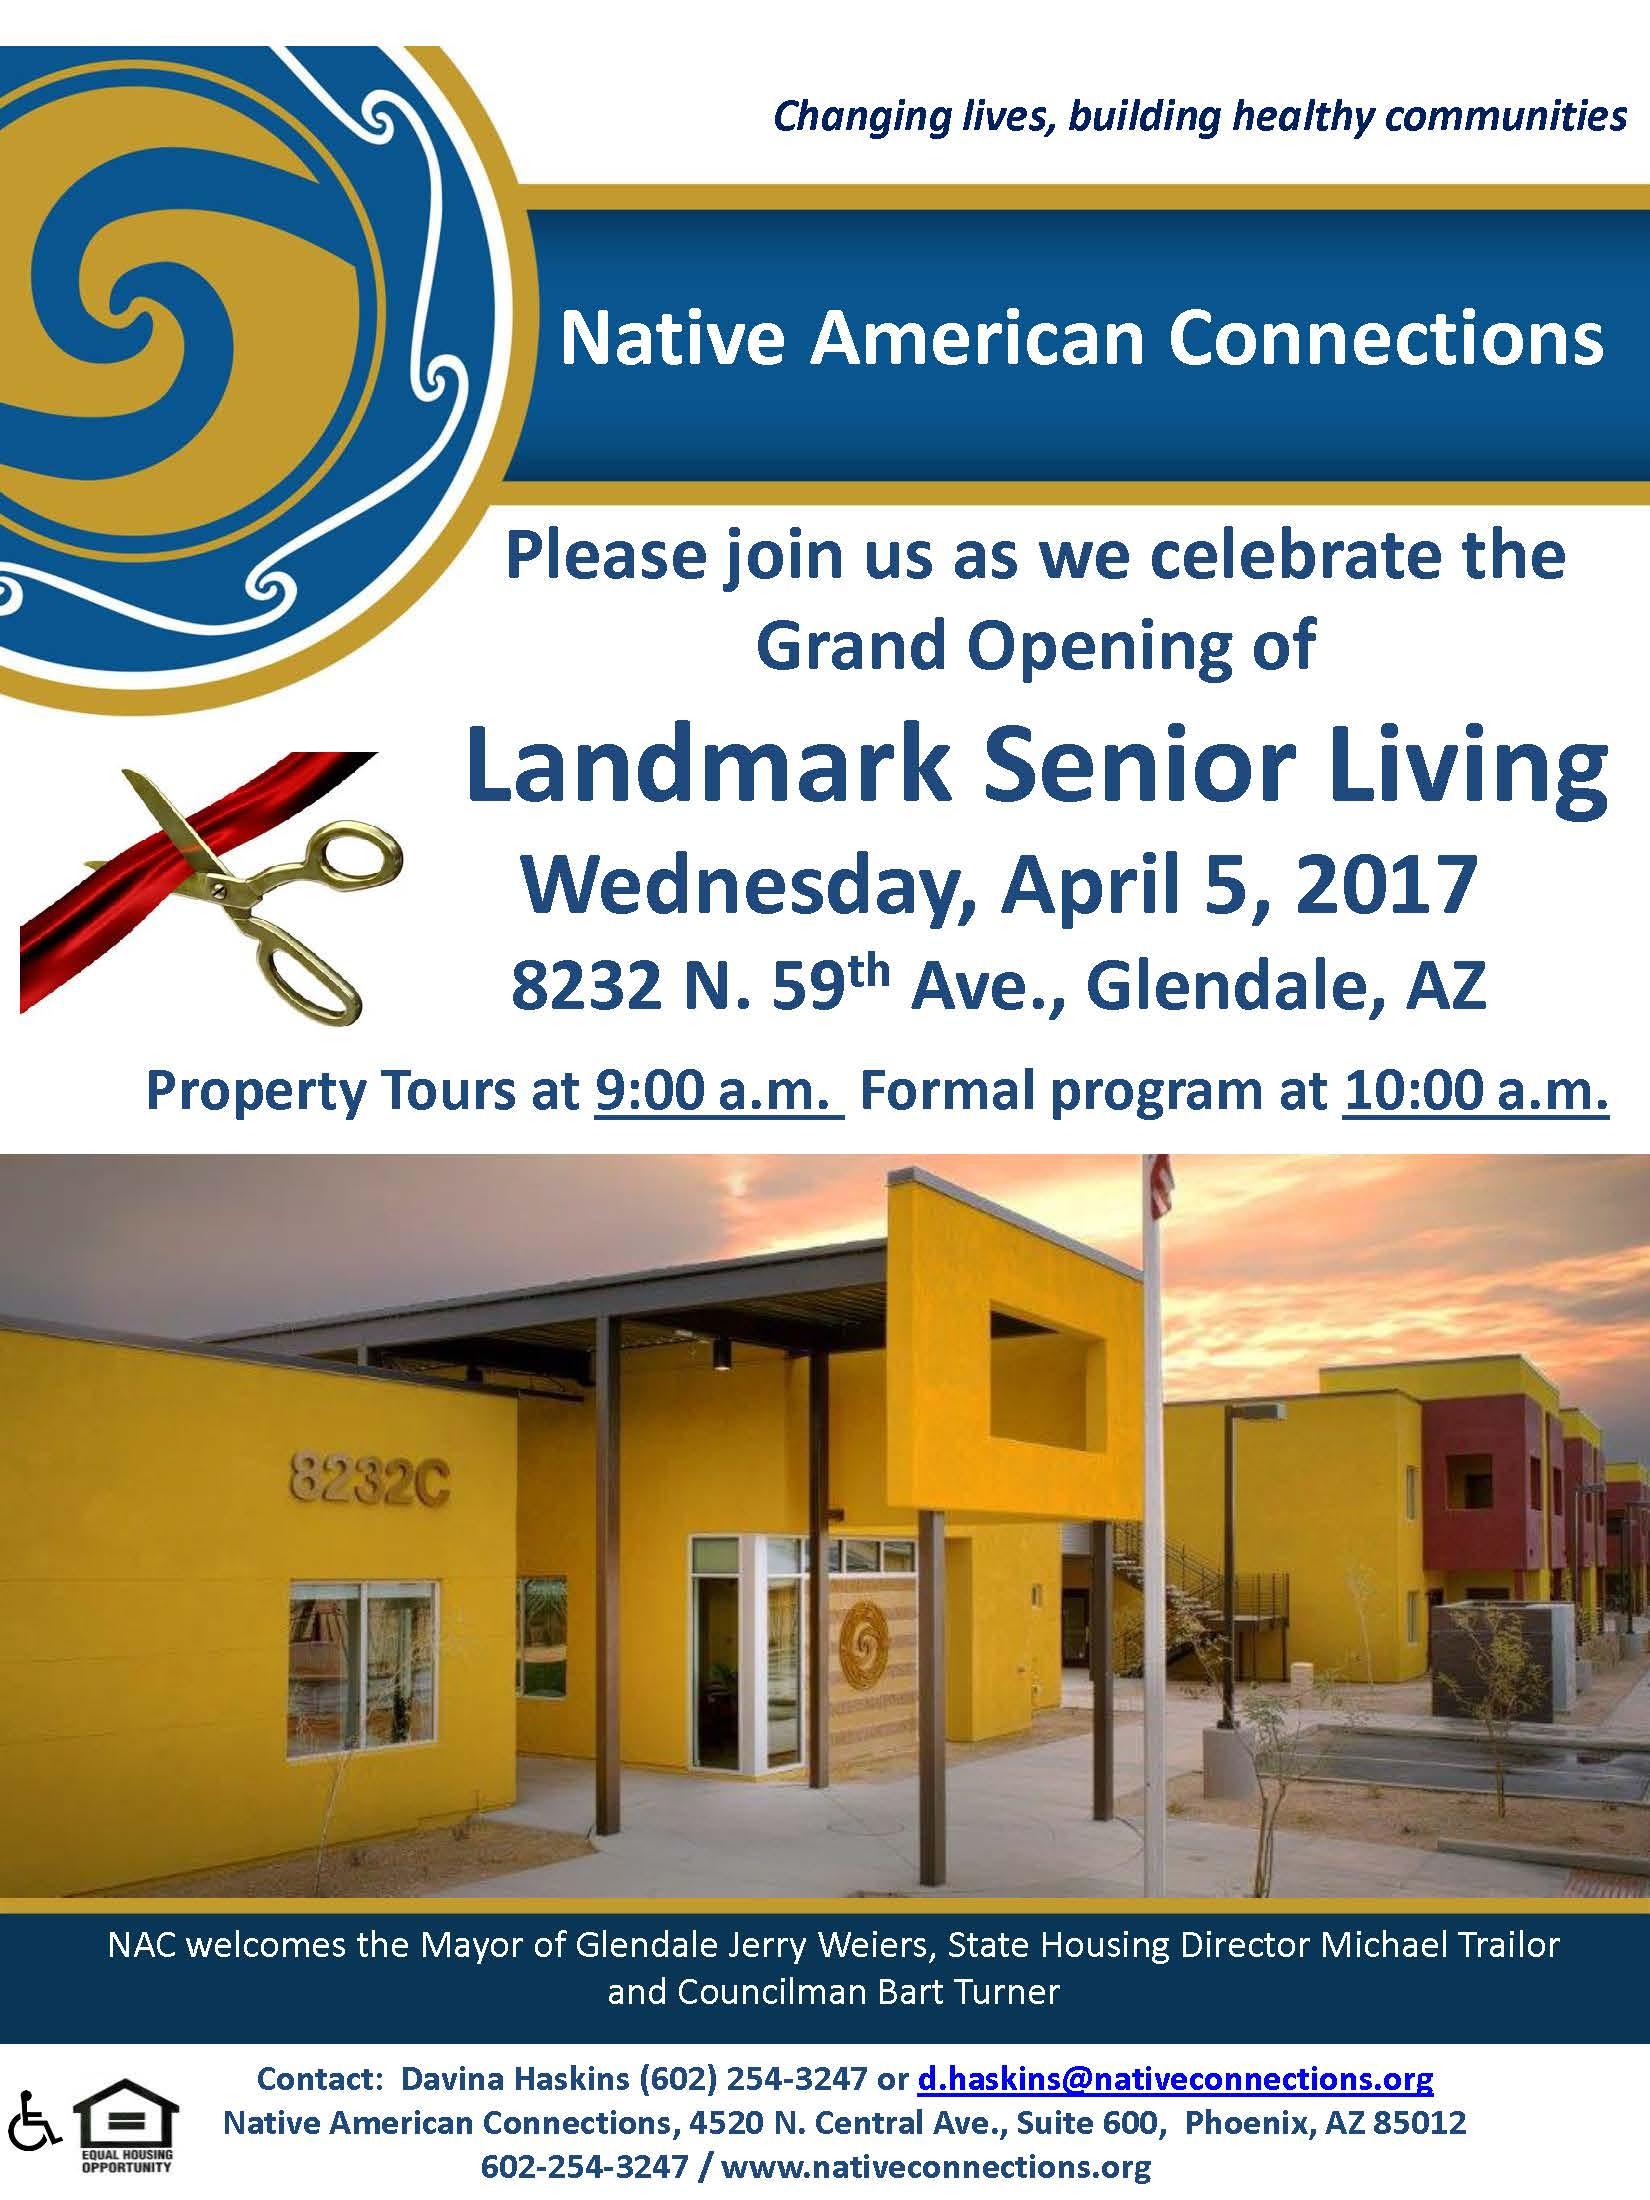 Merveilleux Landmark Senior Living Grand Opening!